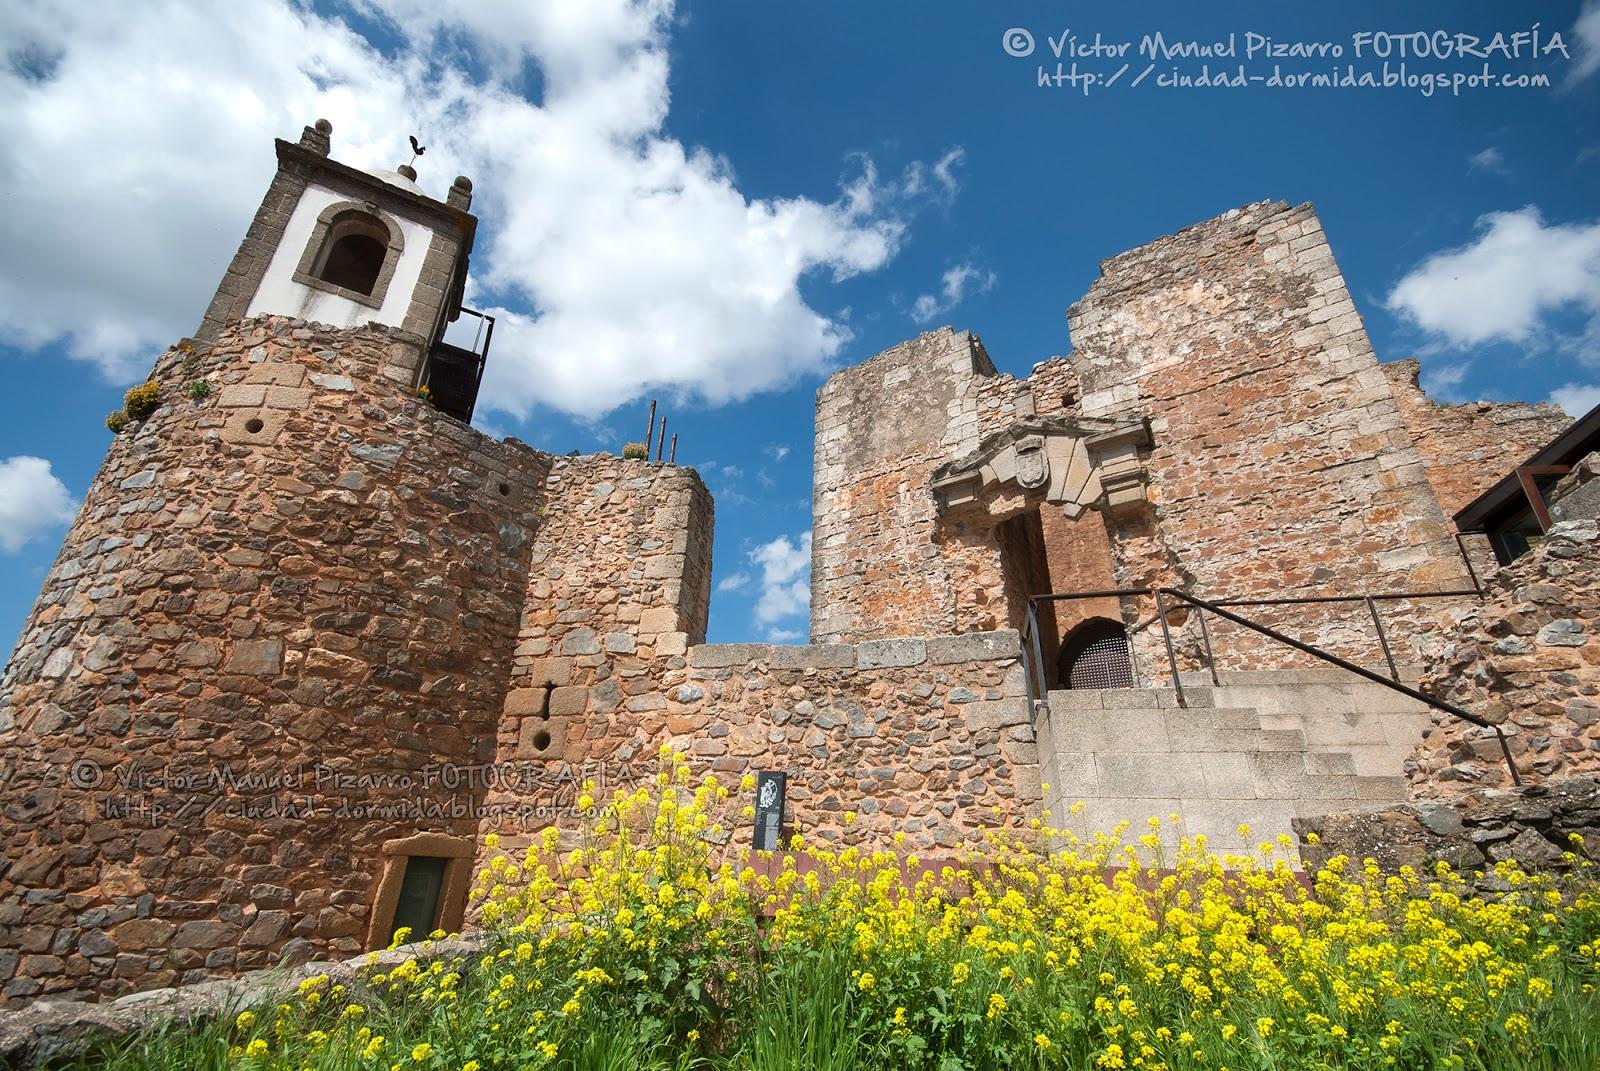 Castelo rodrigo una visita a las aldeas hist ricas de for Oficina de turismo ciudad rodrigo